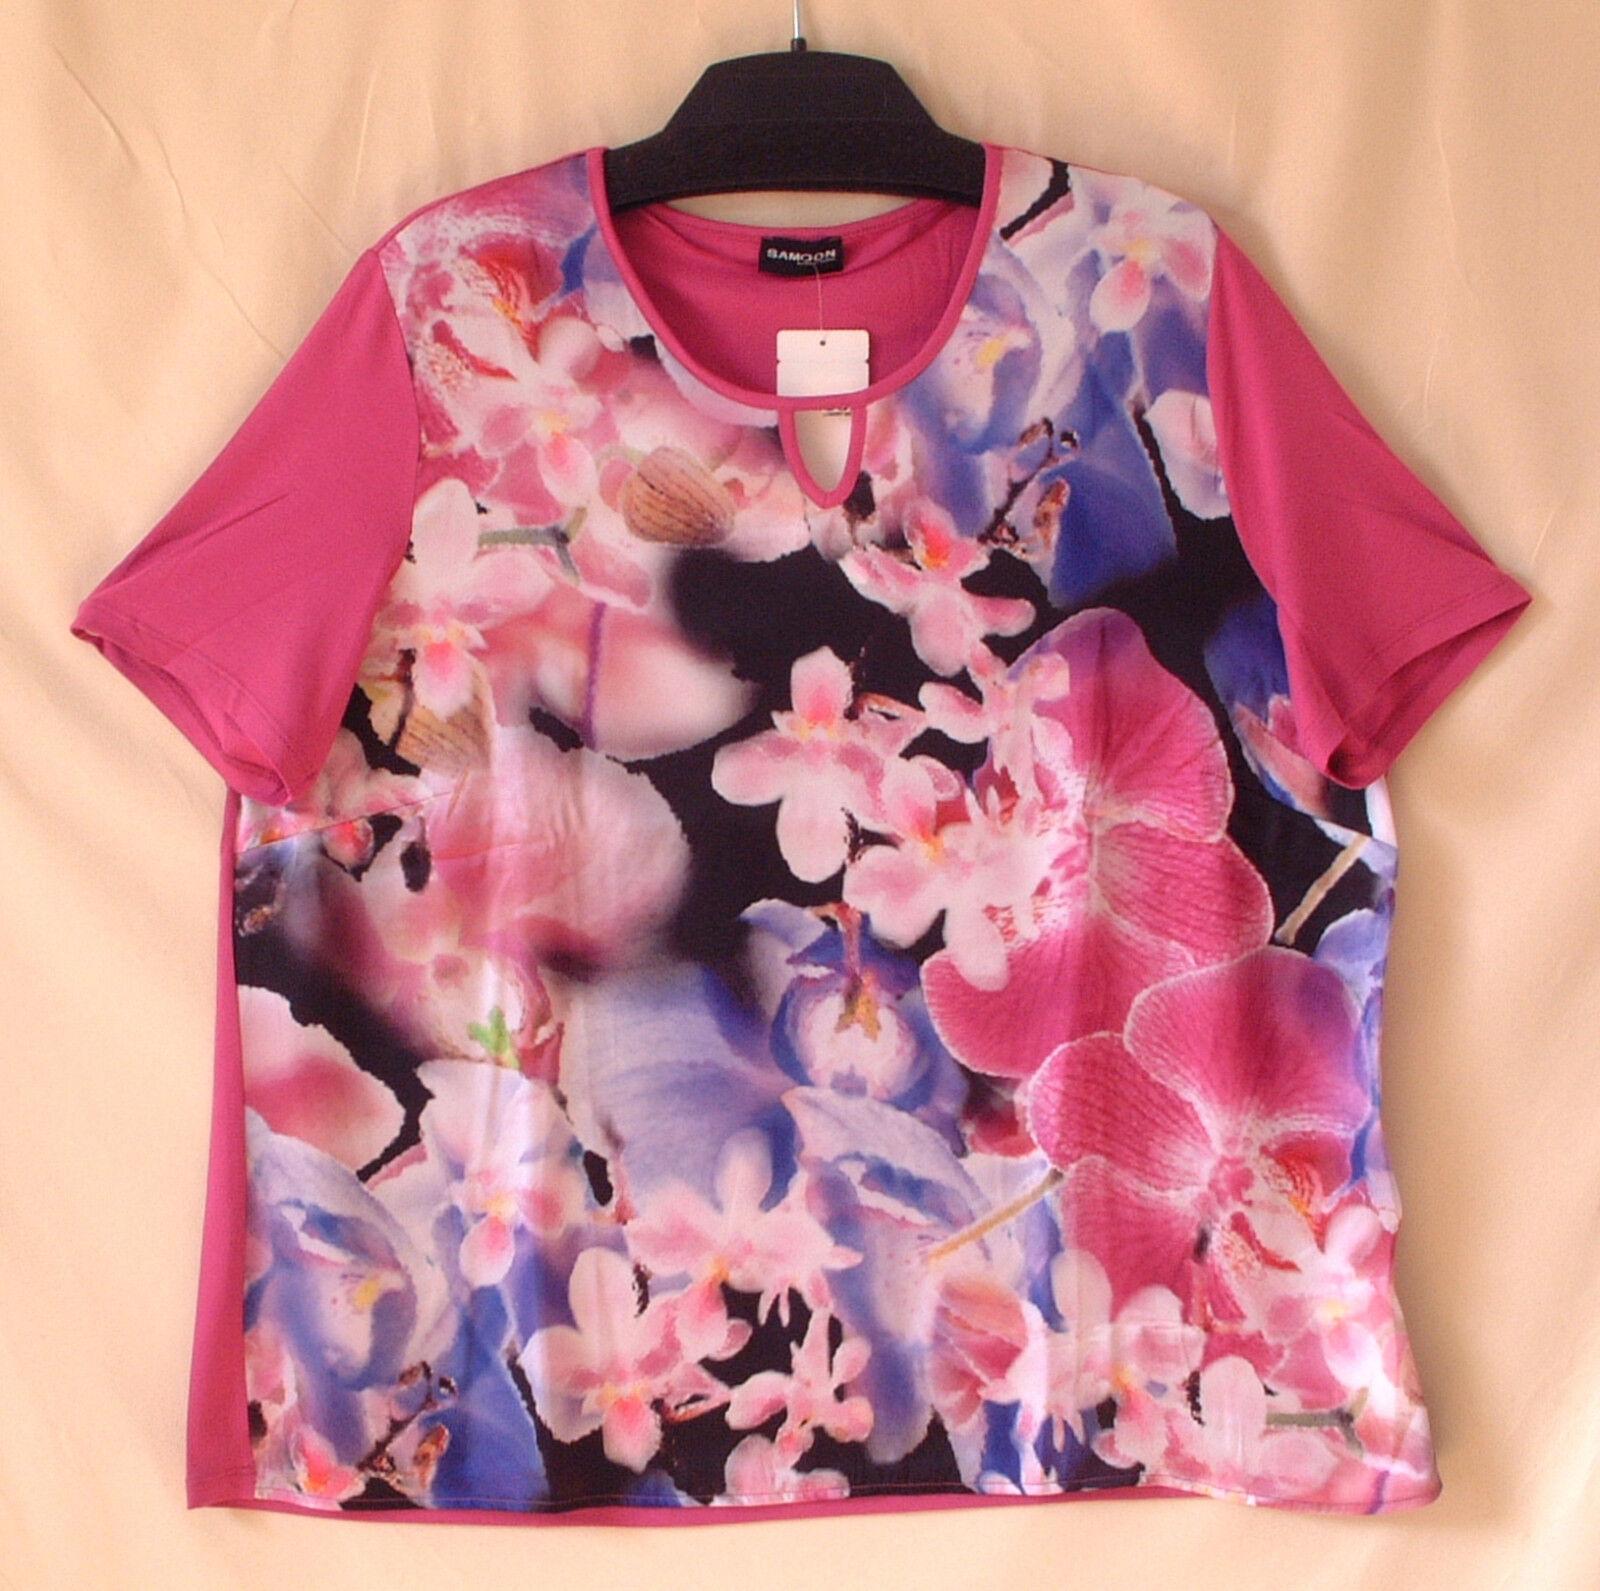 Samoon Shirt by Gerry Weber florales Stretchshirt Mischgewebe Neu Damen Gr.48